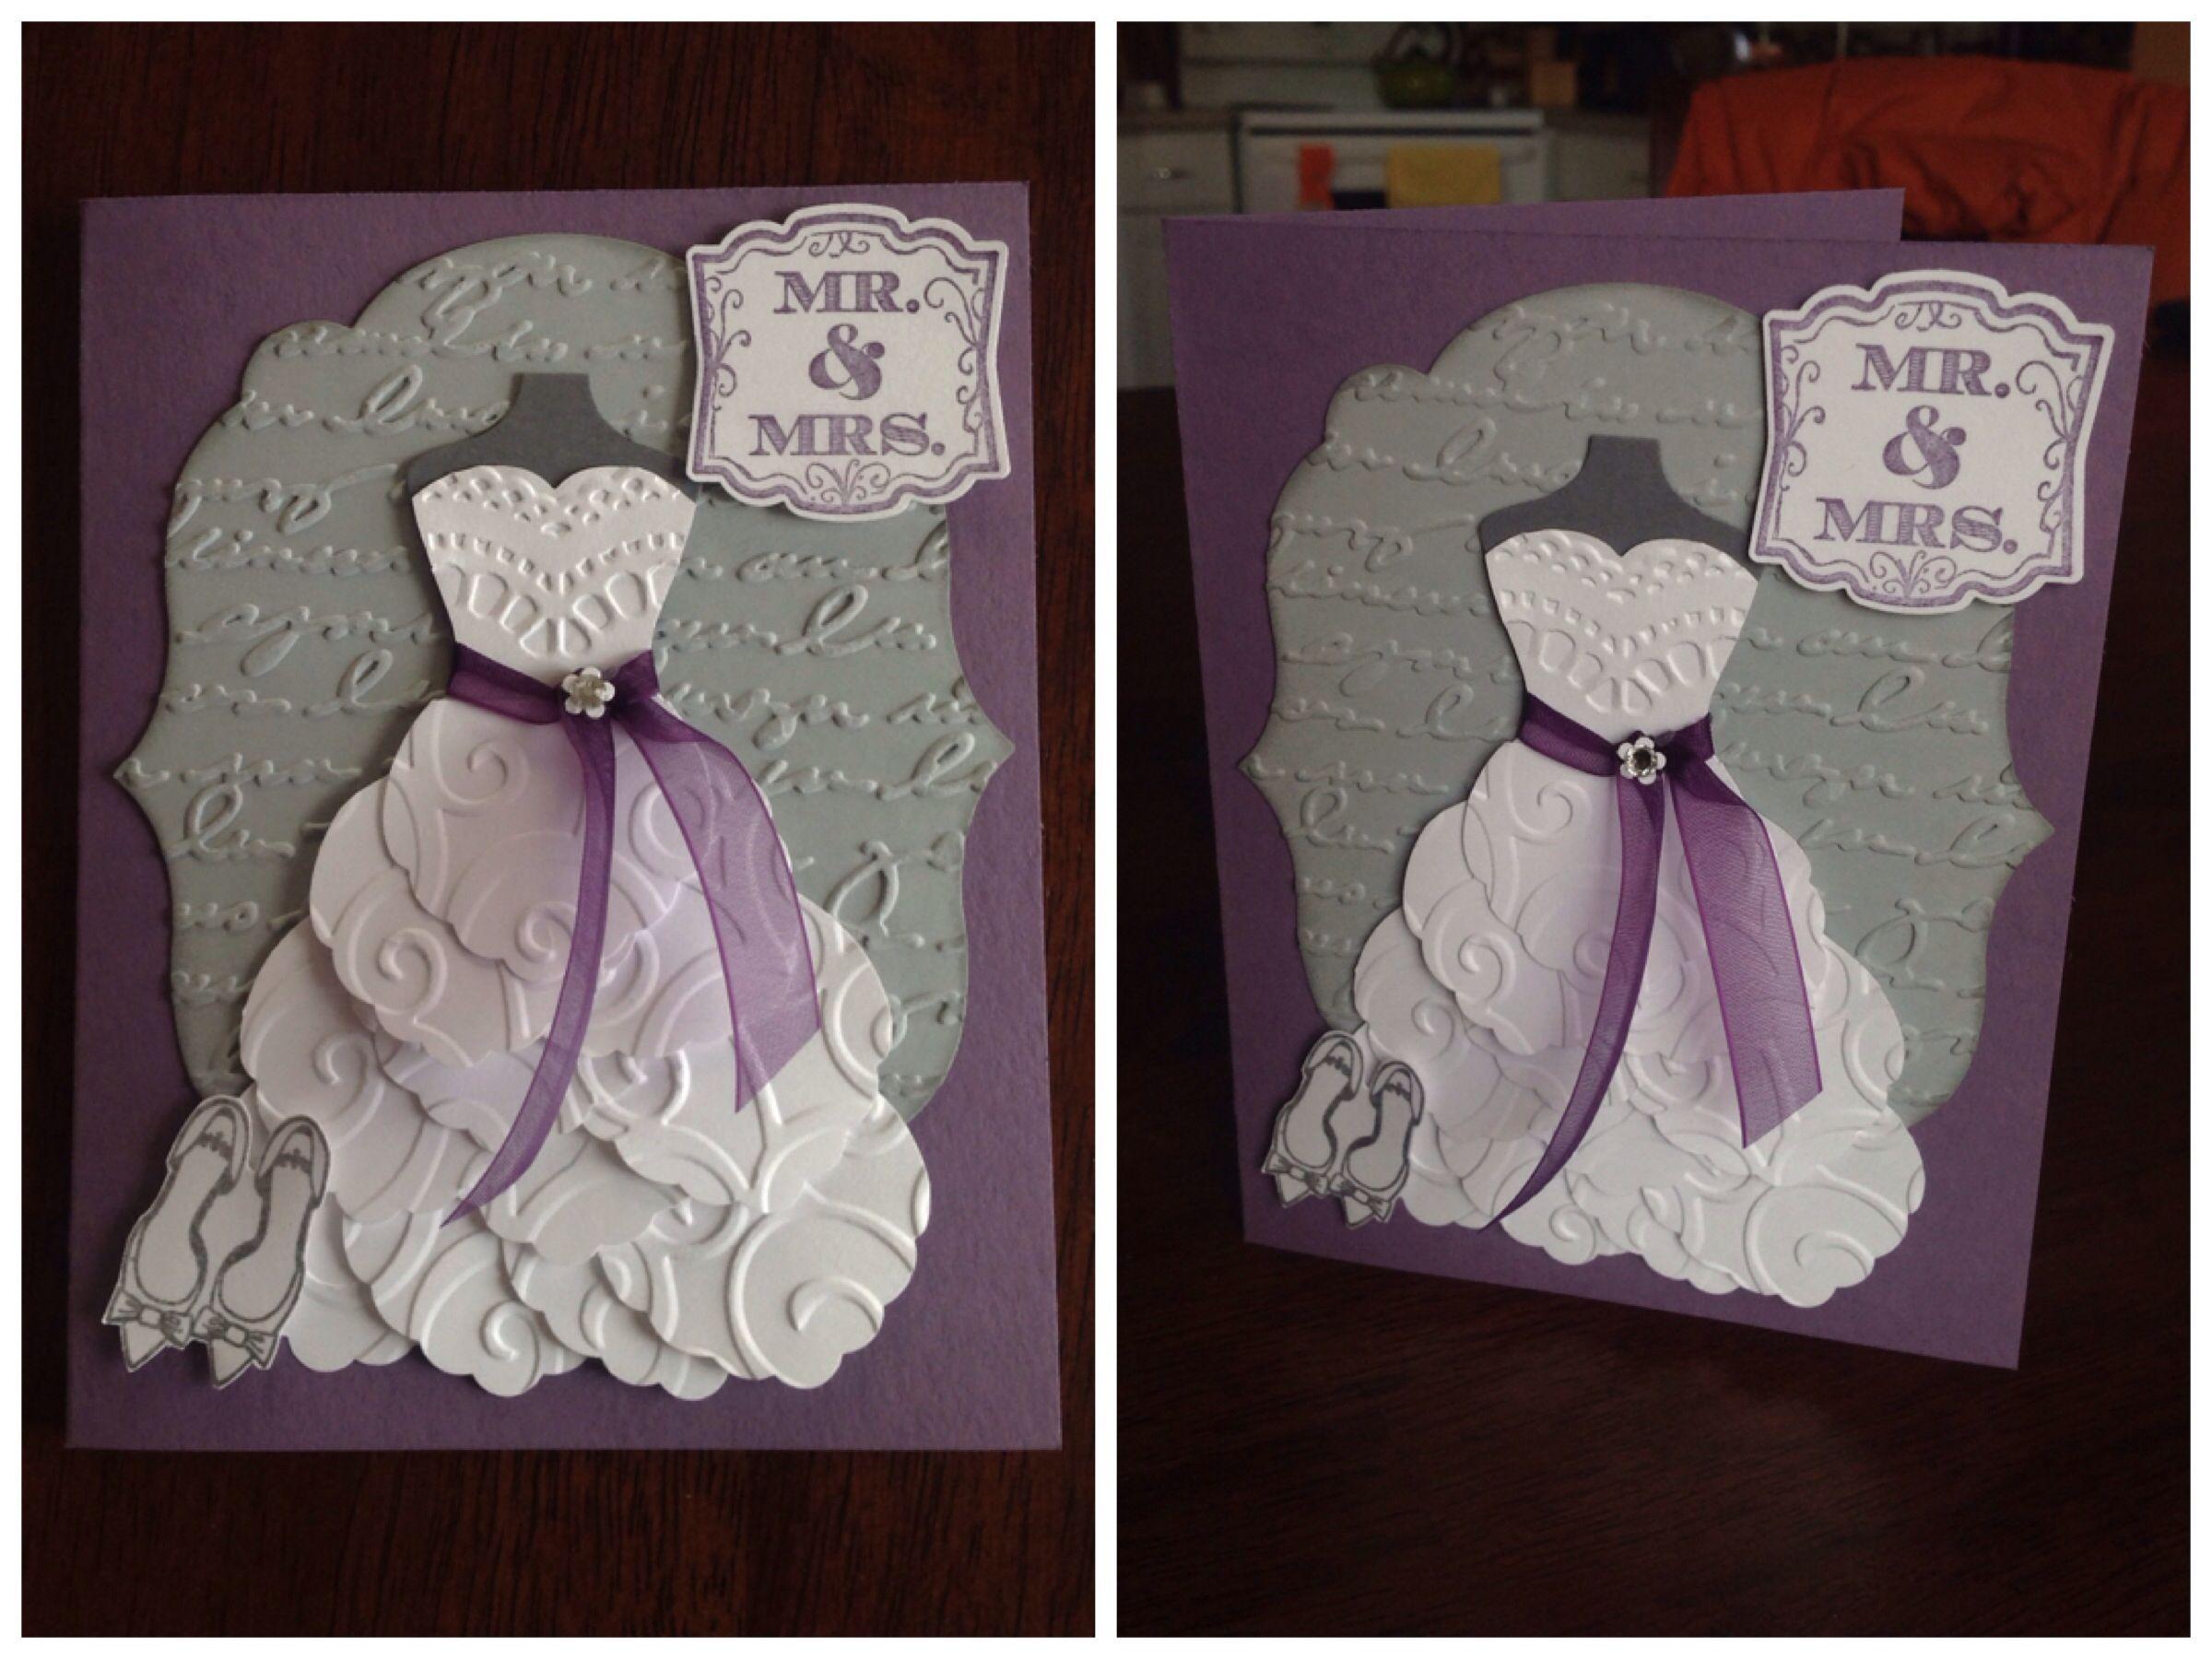 #megzycards Stampin' Up Dress Up Framelit Card, Bridal